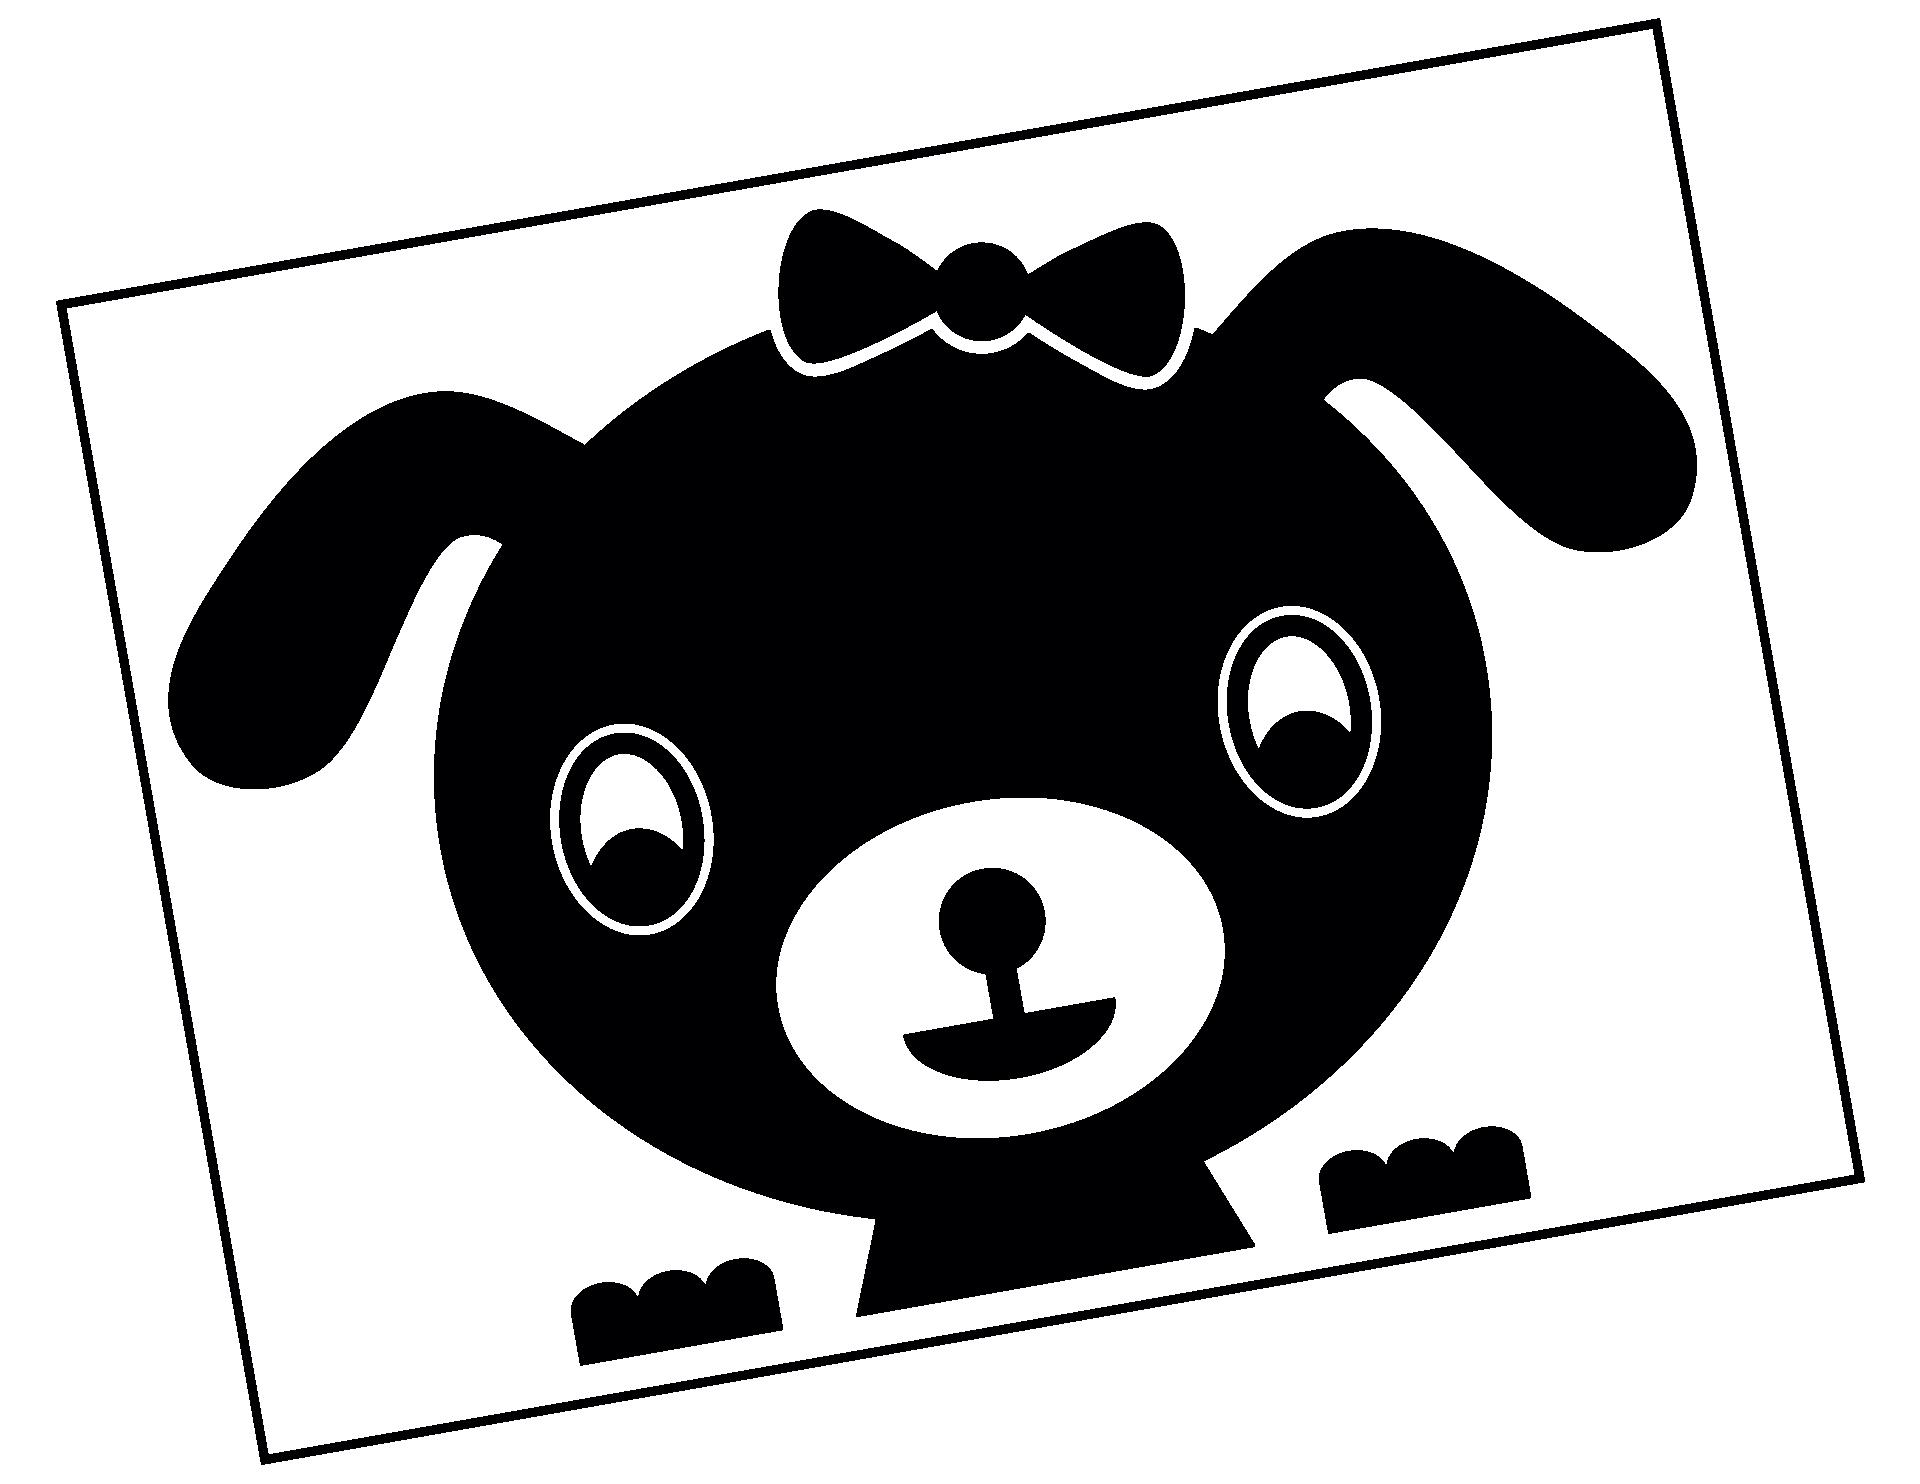 Atemberaubend Steckdose Zum Lichtschalter Hinzufügen Fotos ...